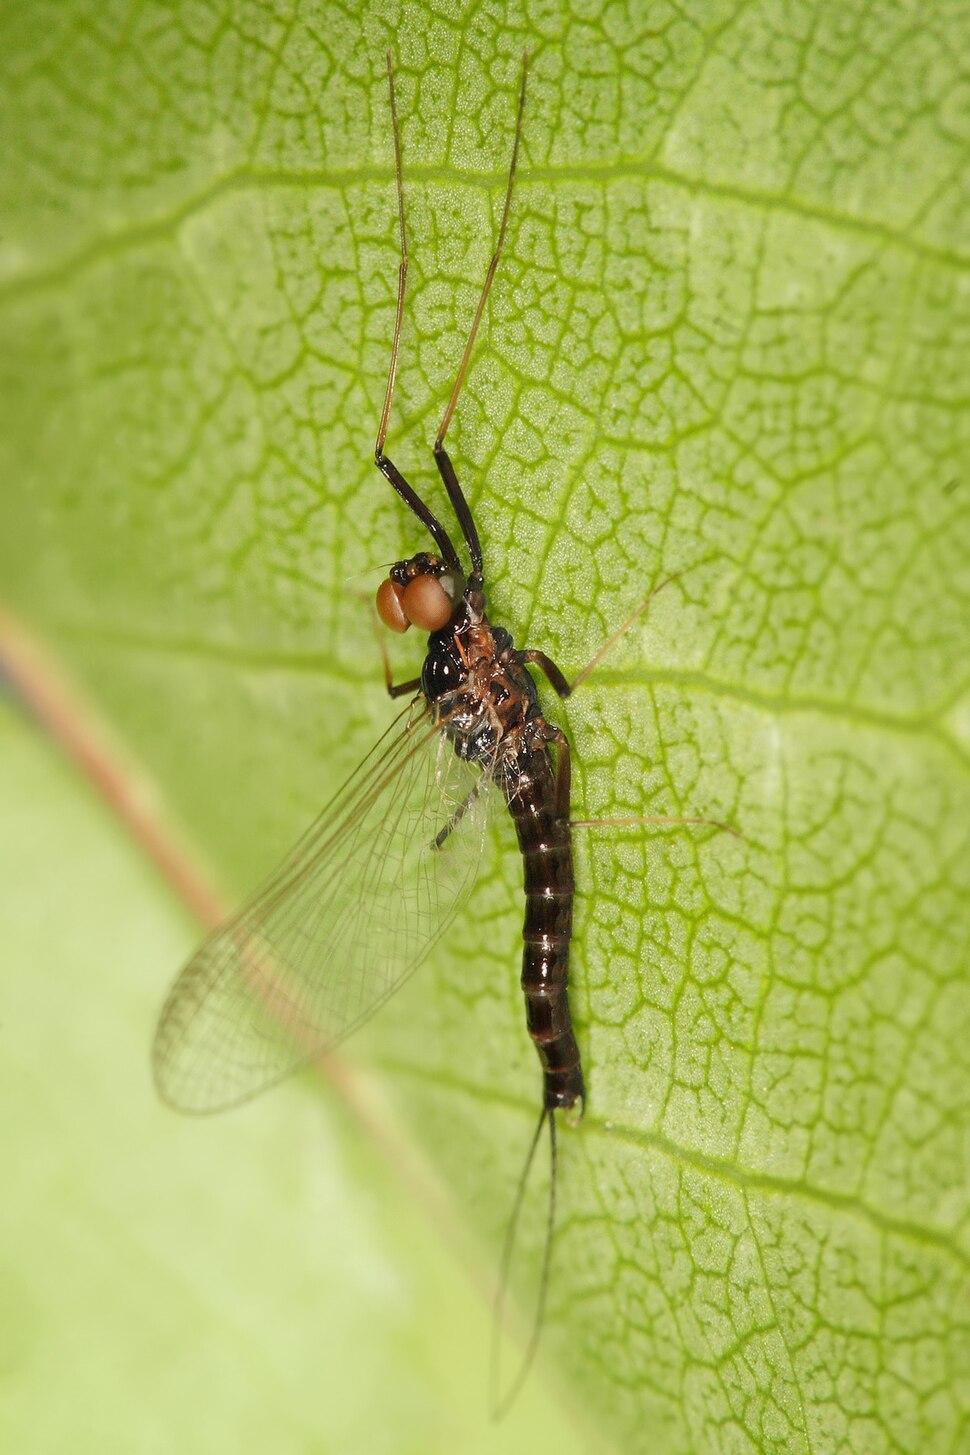 Mayfly - atalophlebia